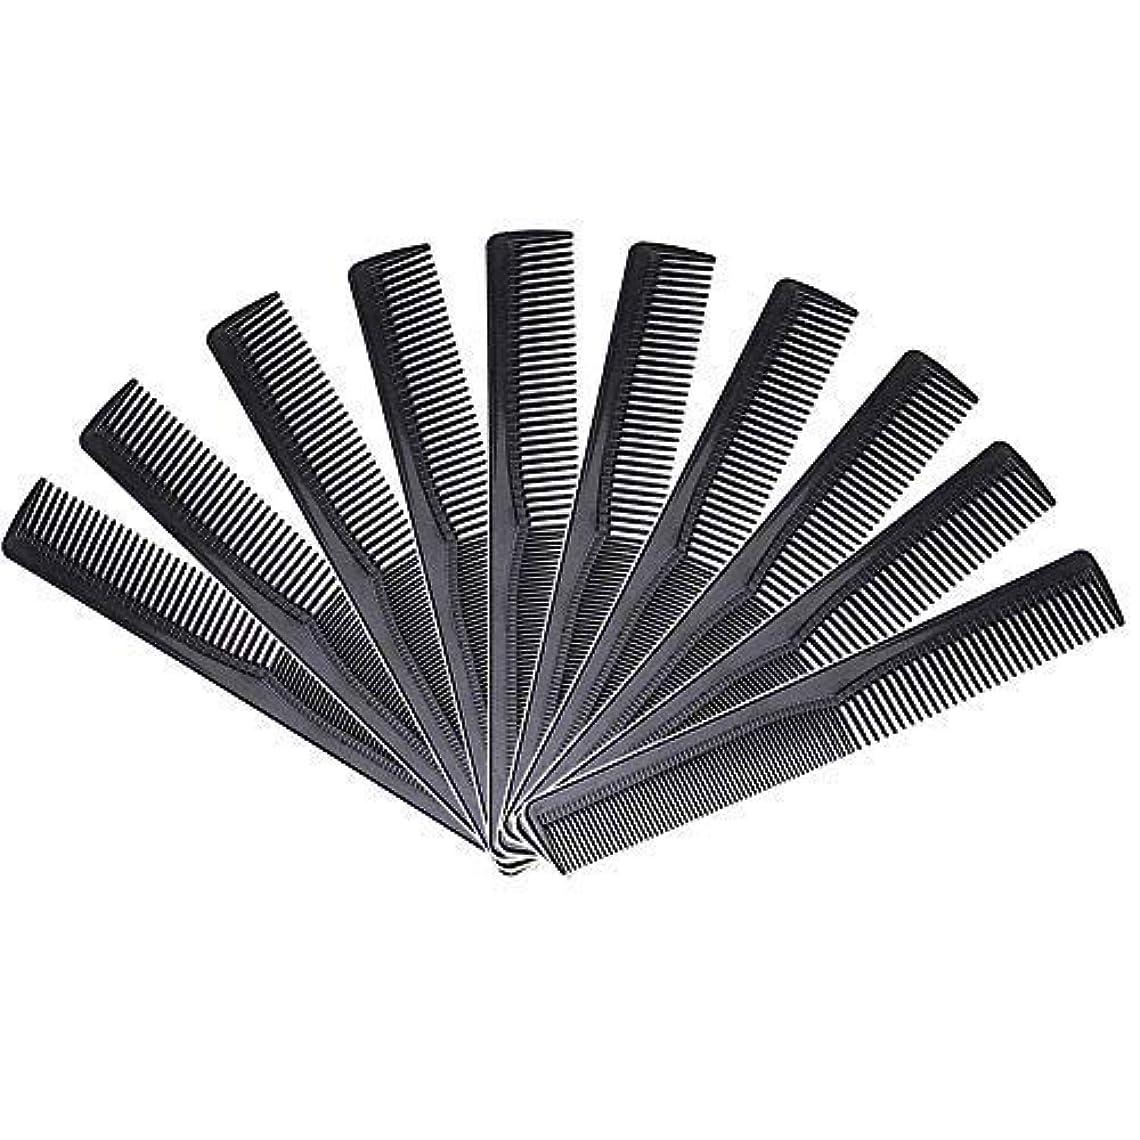 線困難株式会社Lautechco Hair Combs for Men Women Pocket Hair Combs Fine Tooth Comb 10 Pcs Mens Hair Styling Comb Dressing Comb...